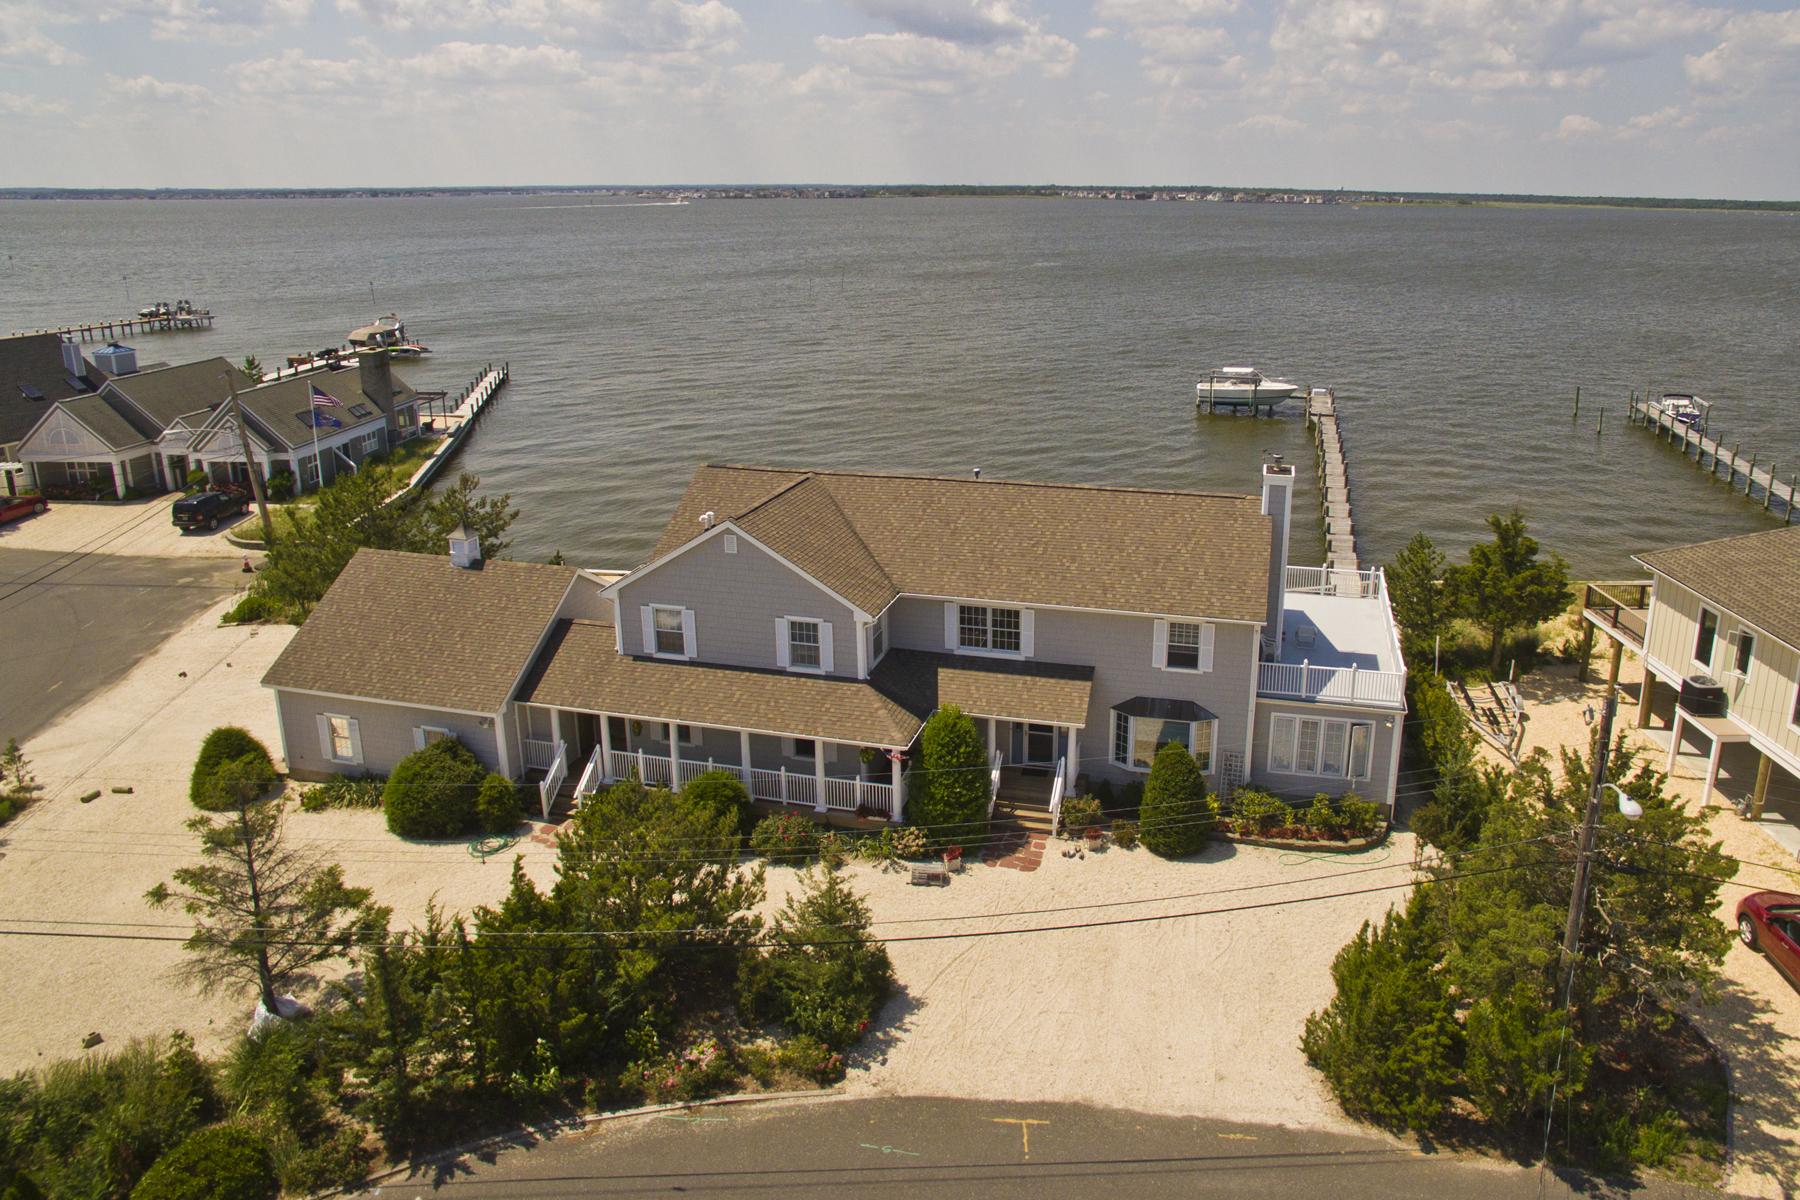 Maison unifamiliale pour l Vente à Largest Bayfront in Normandy Beach! 497 Normandy Drive Normandy Beach, New Jersey, 08739 États-Unis